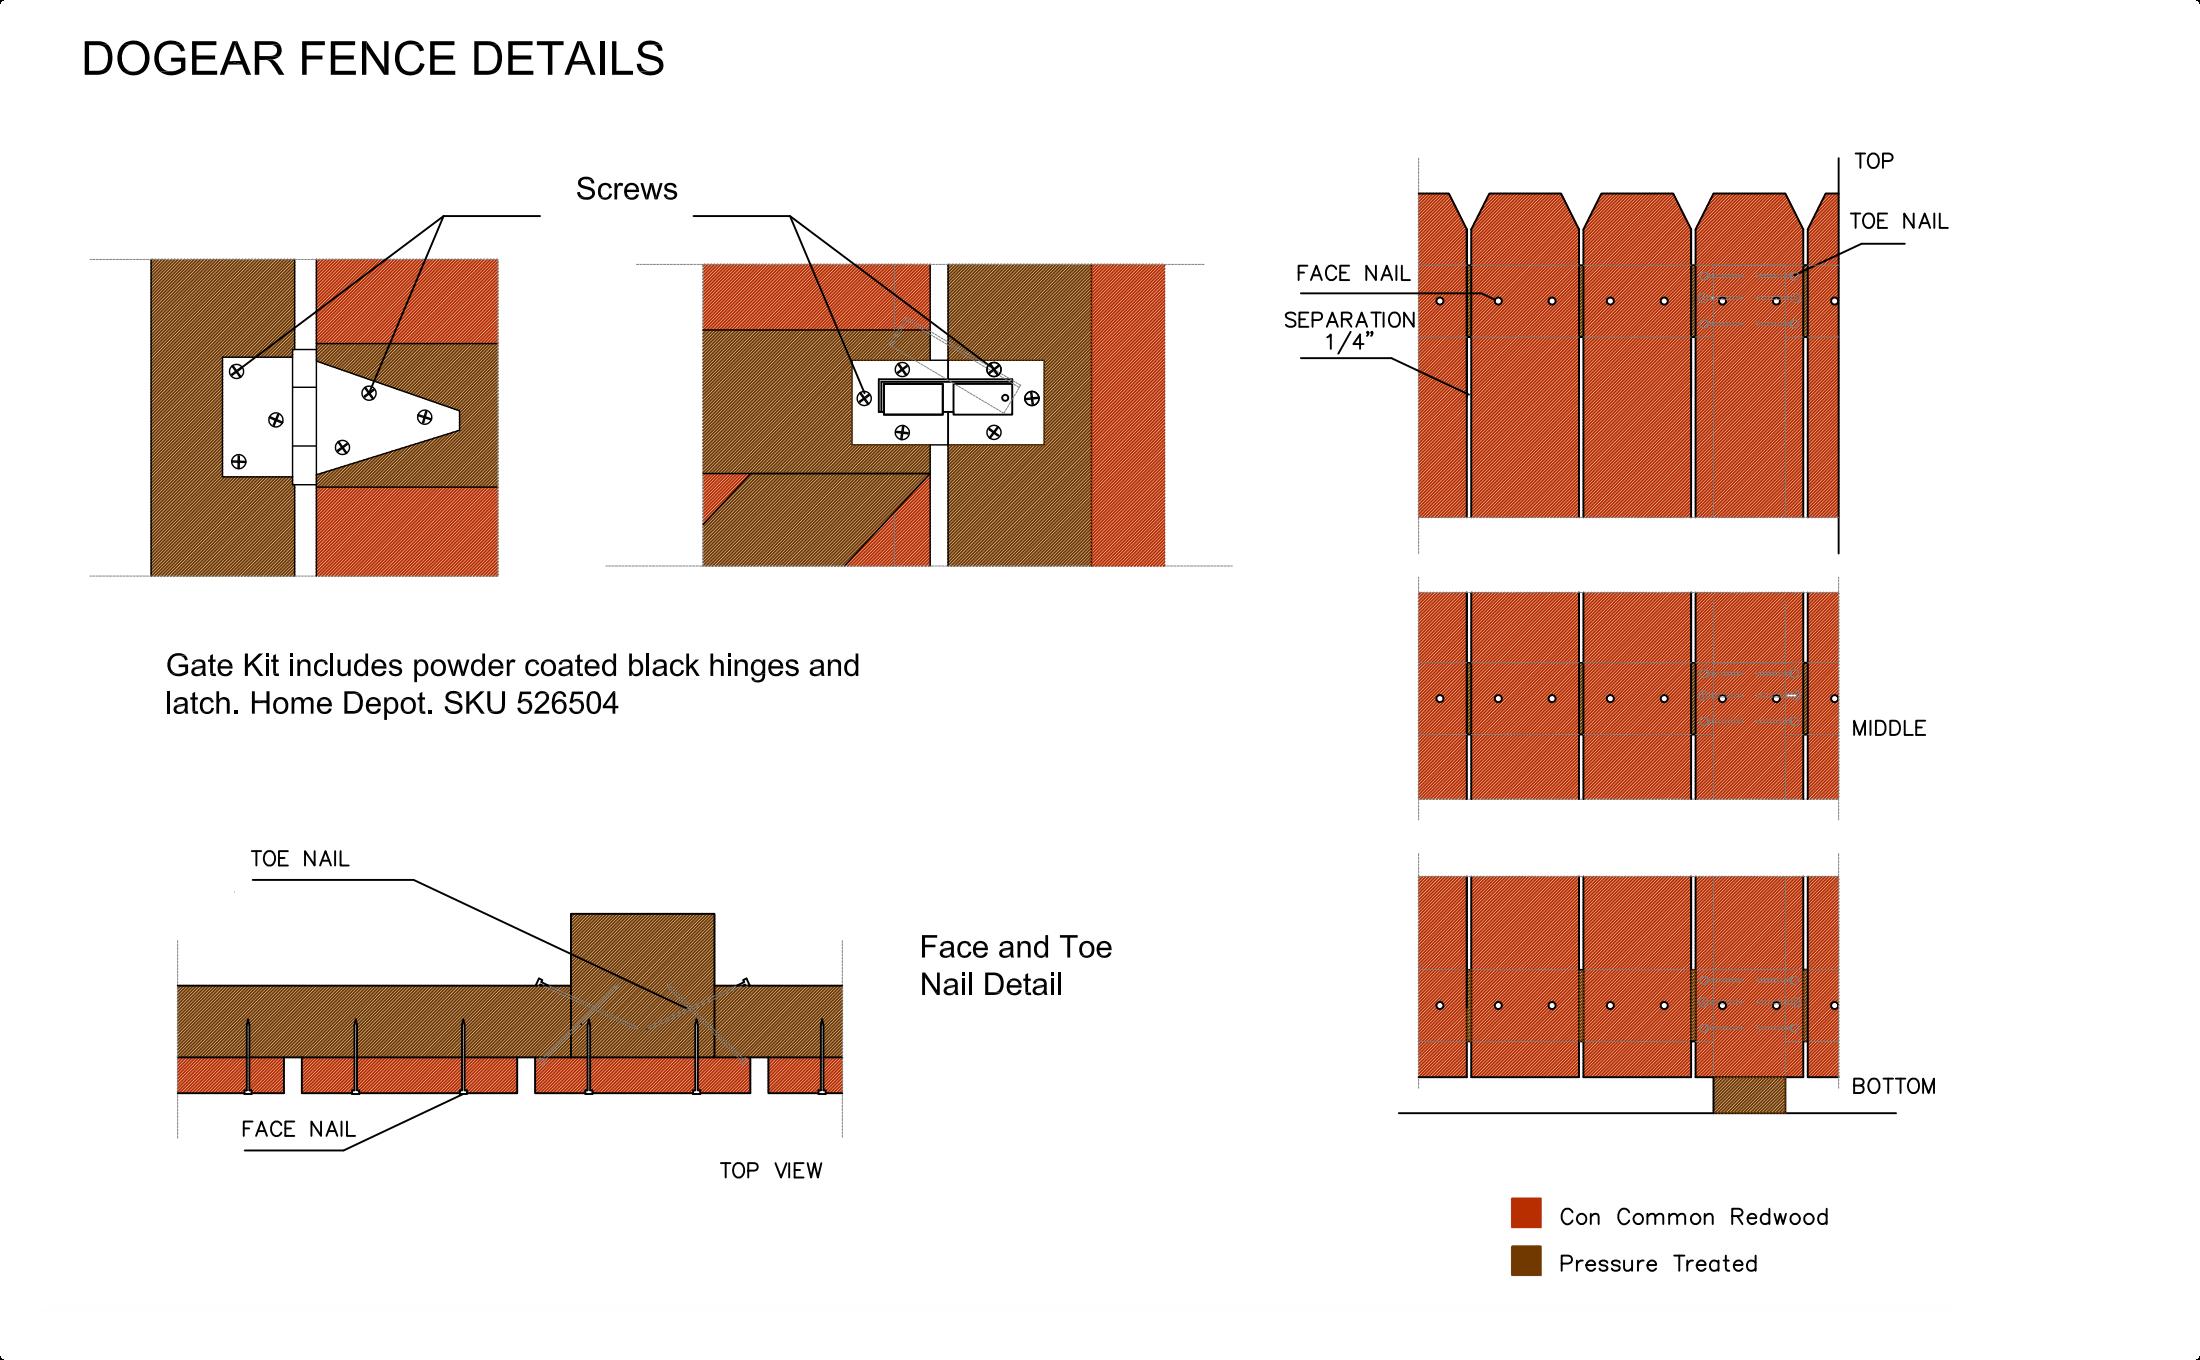 Dogear fence details